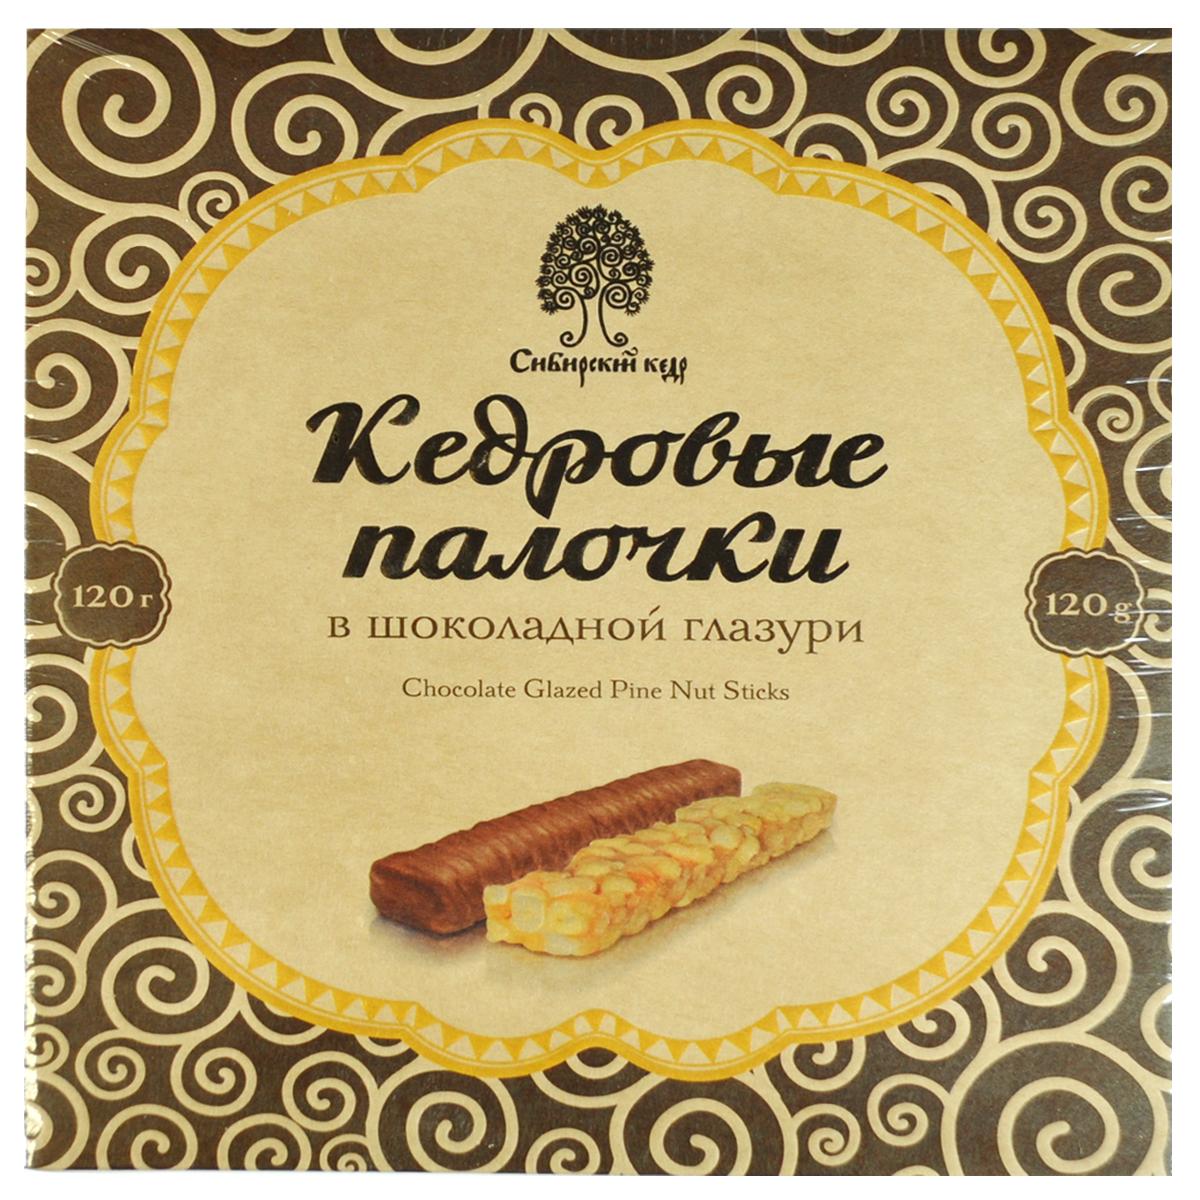 Сибирский Кедр конфеты кедровые палочки в шоколадной глазури, 120 г crystal trees кедр сибирский